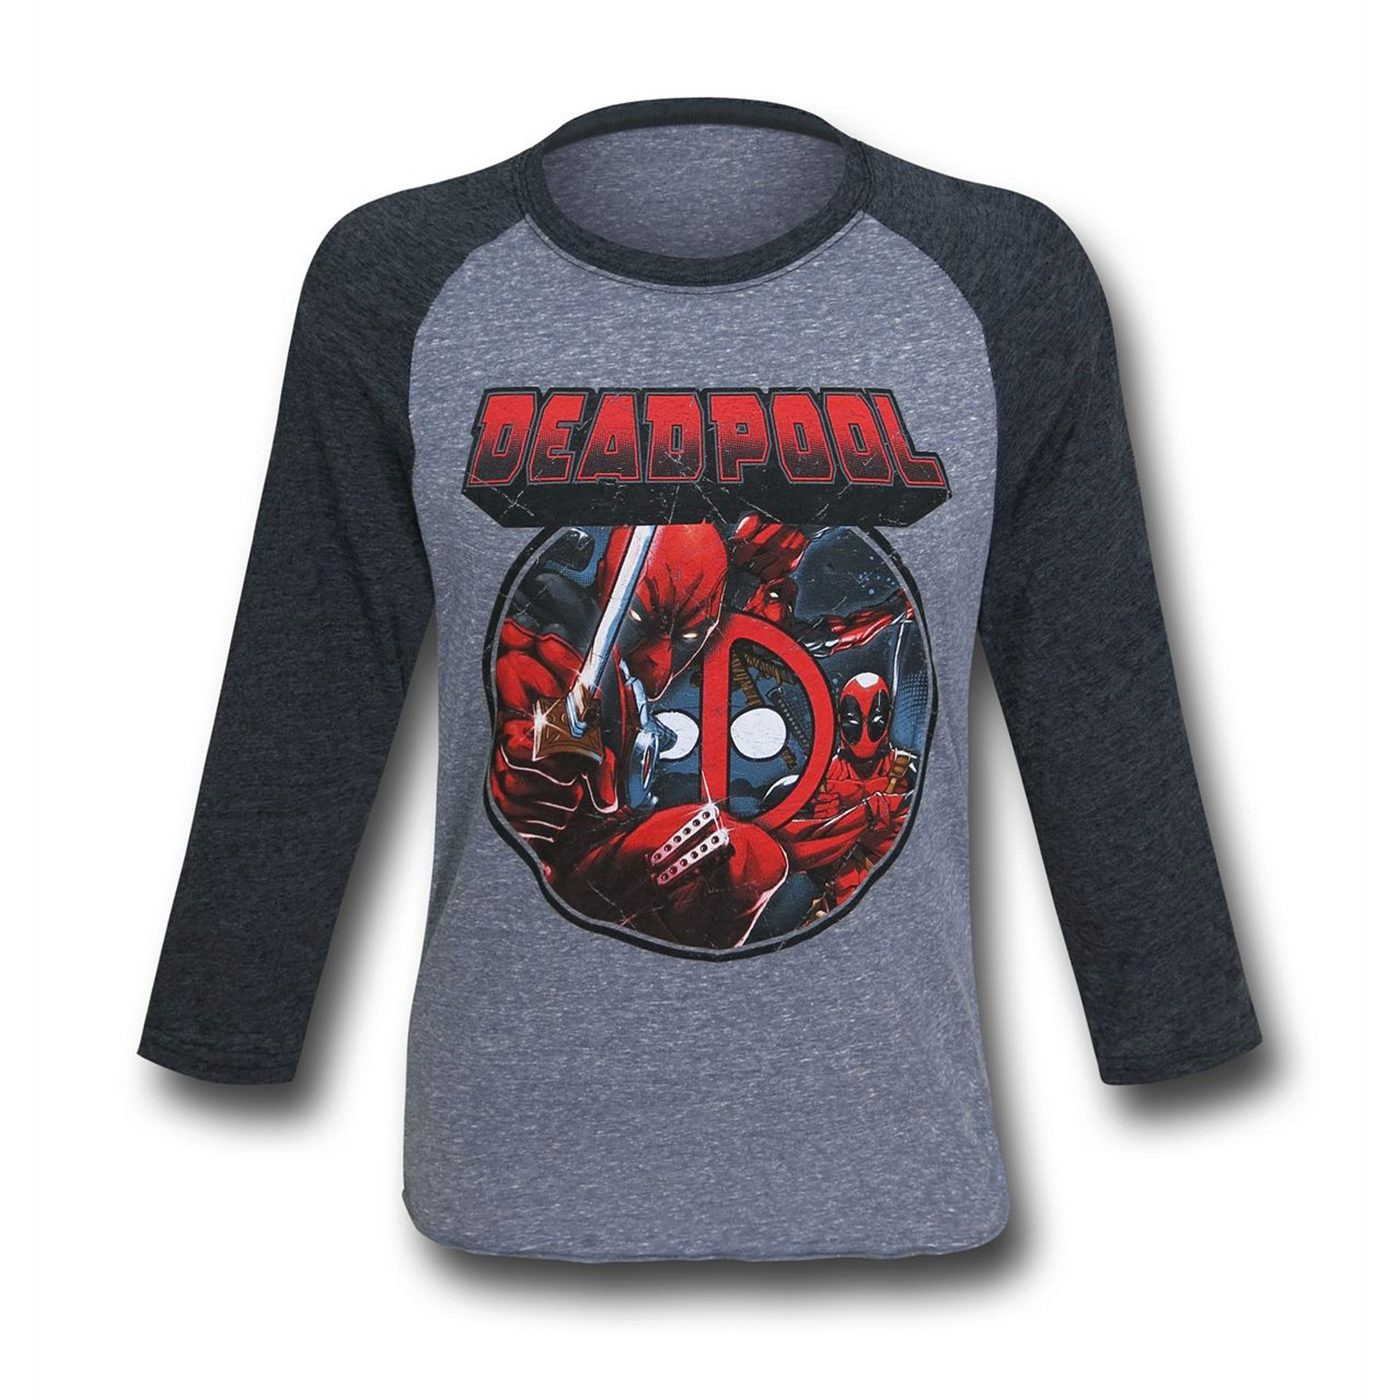 Deadpool Image Circle Baseball T-Shirt